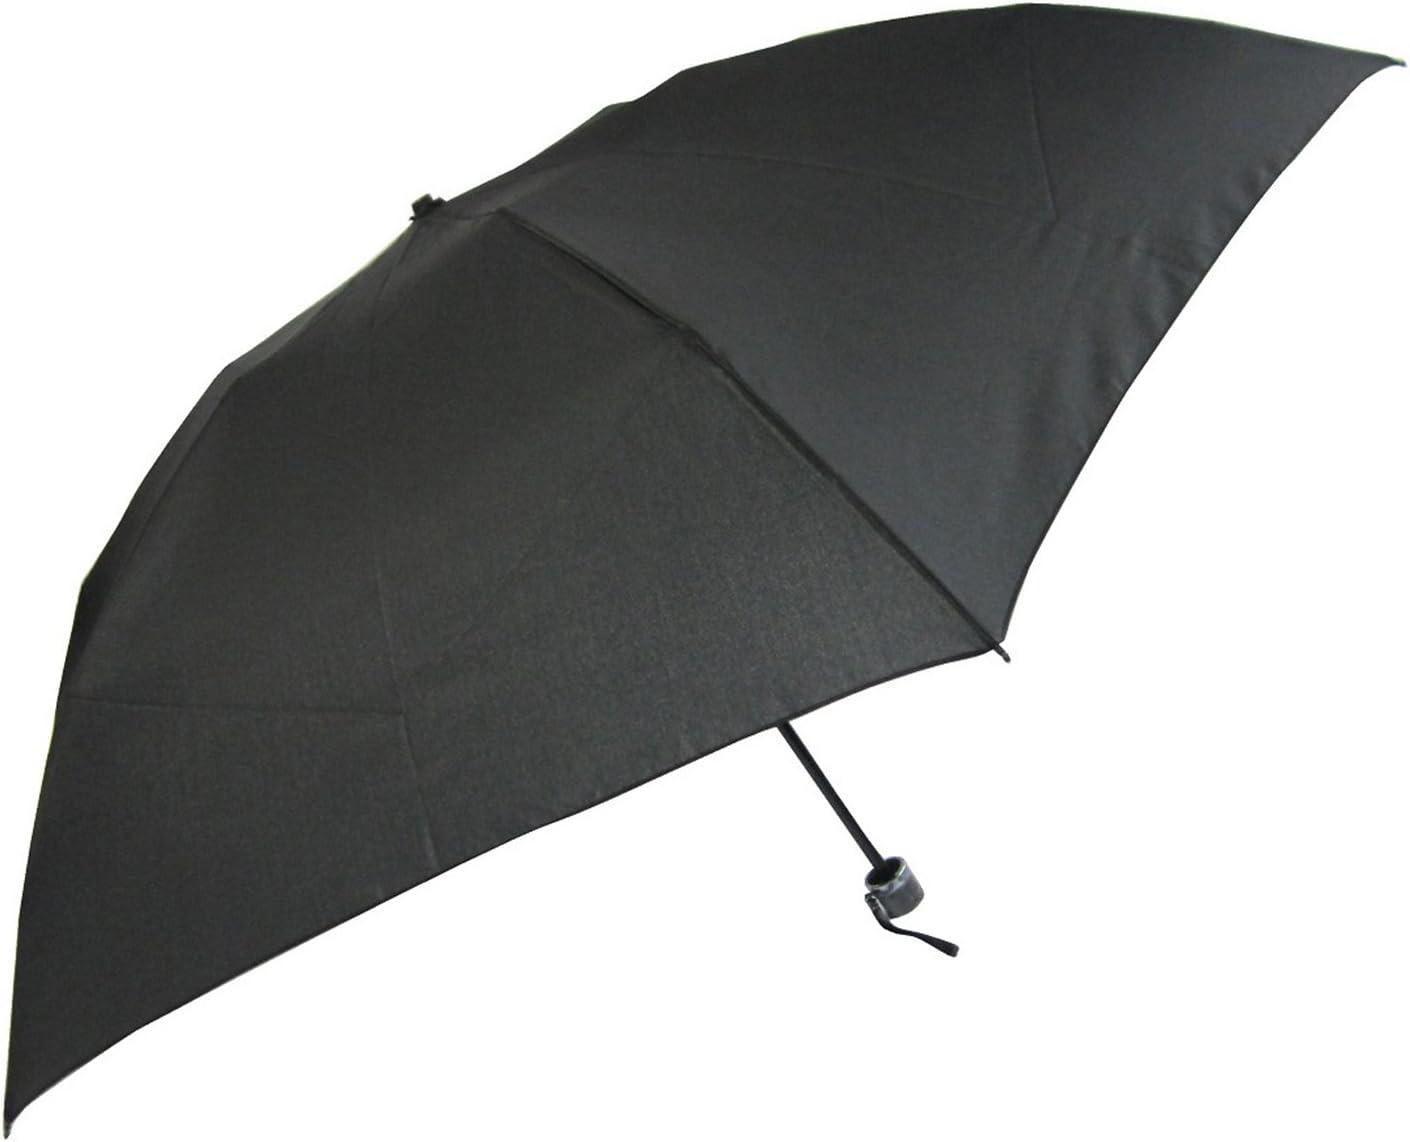 オカモト原宿店 3段式 折りたたみ ミニ傘